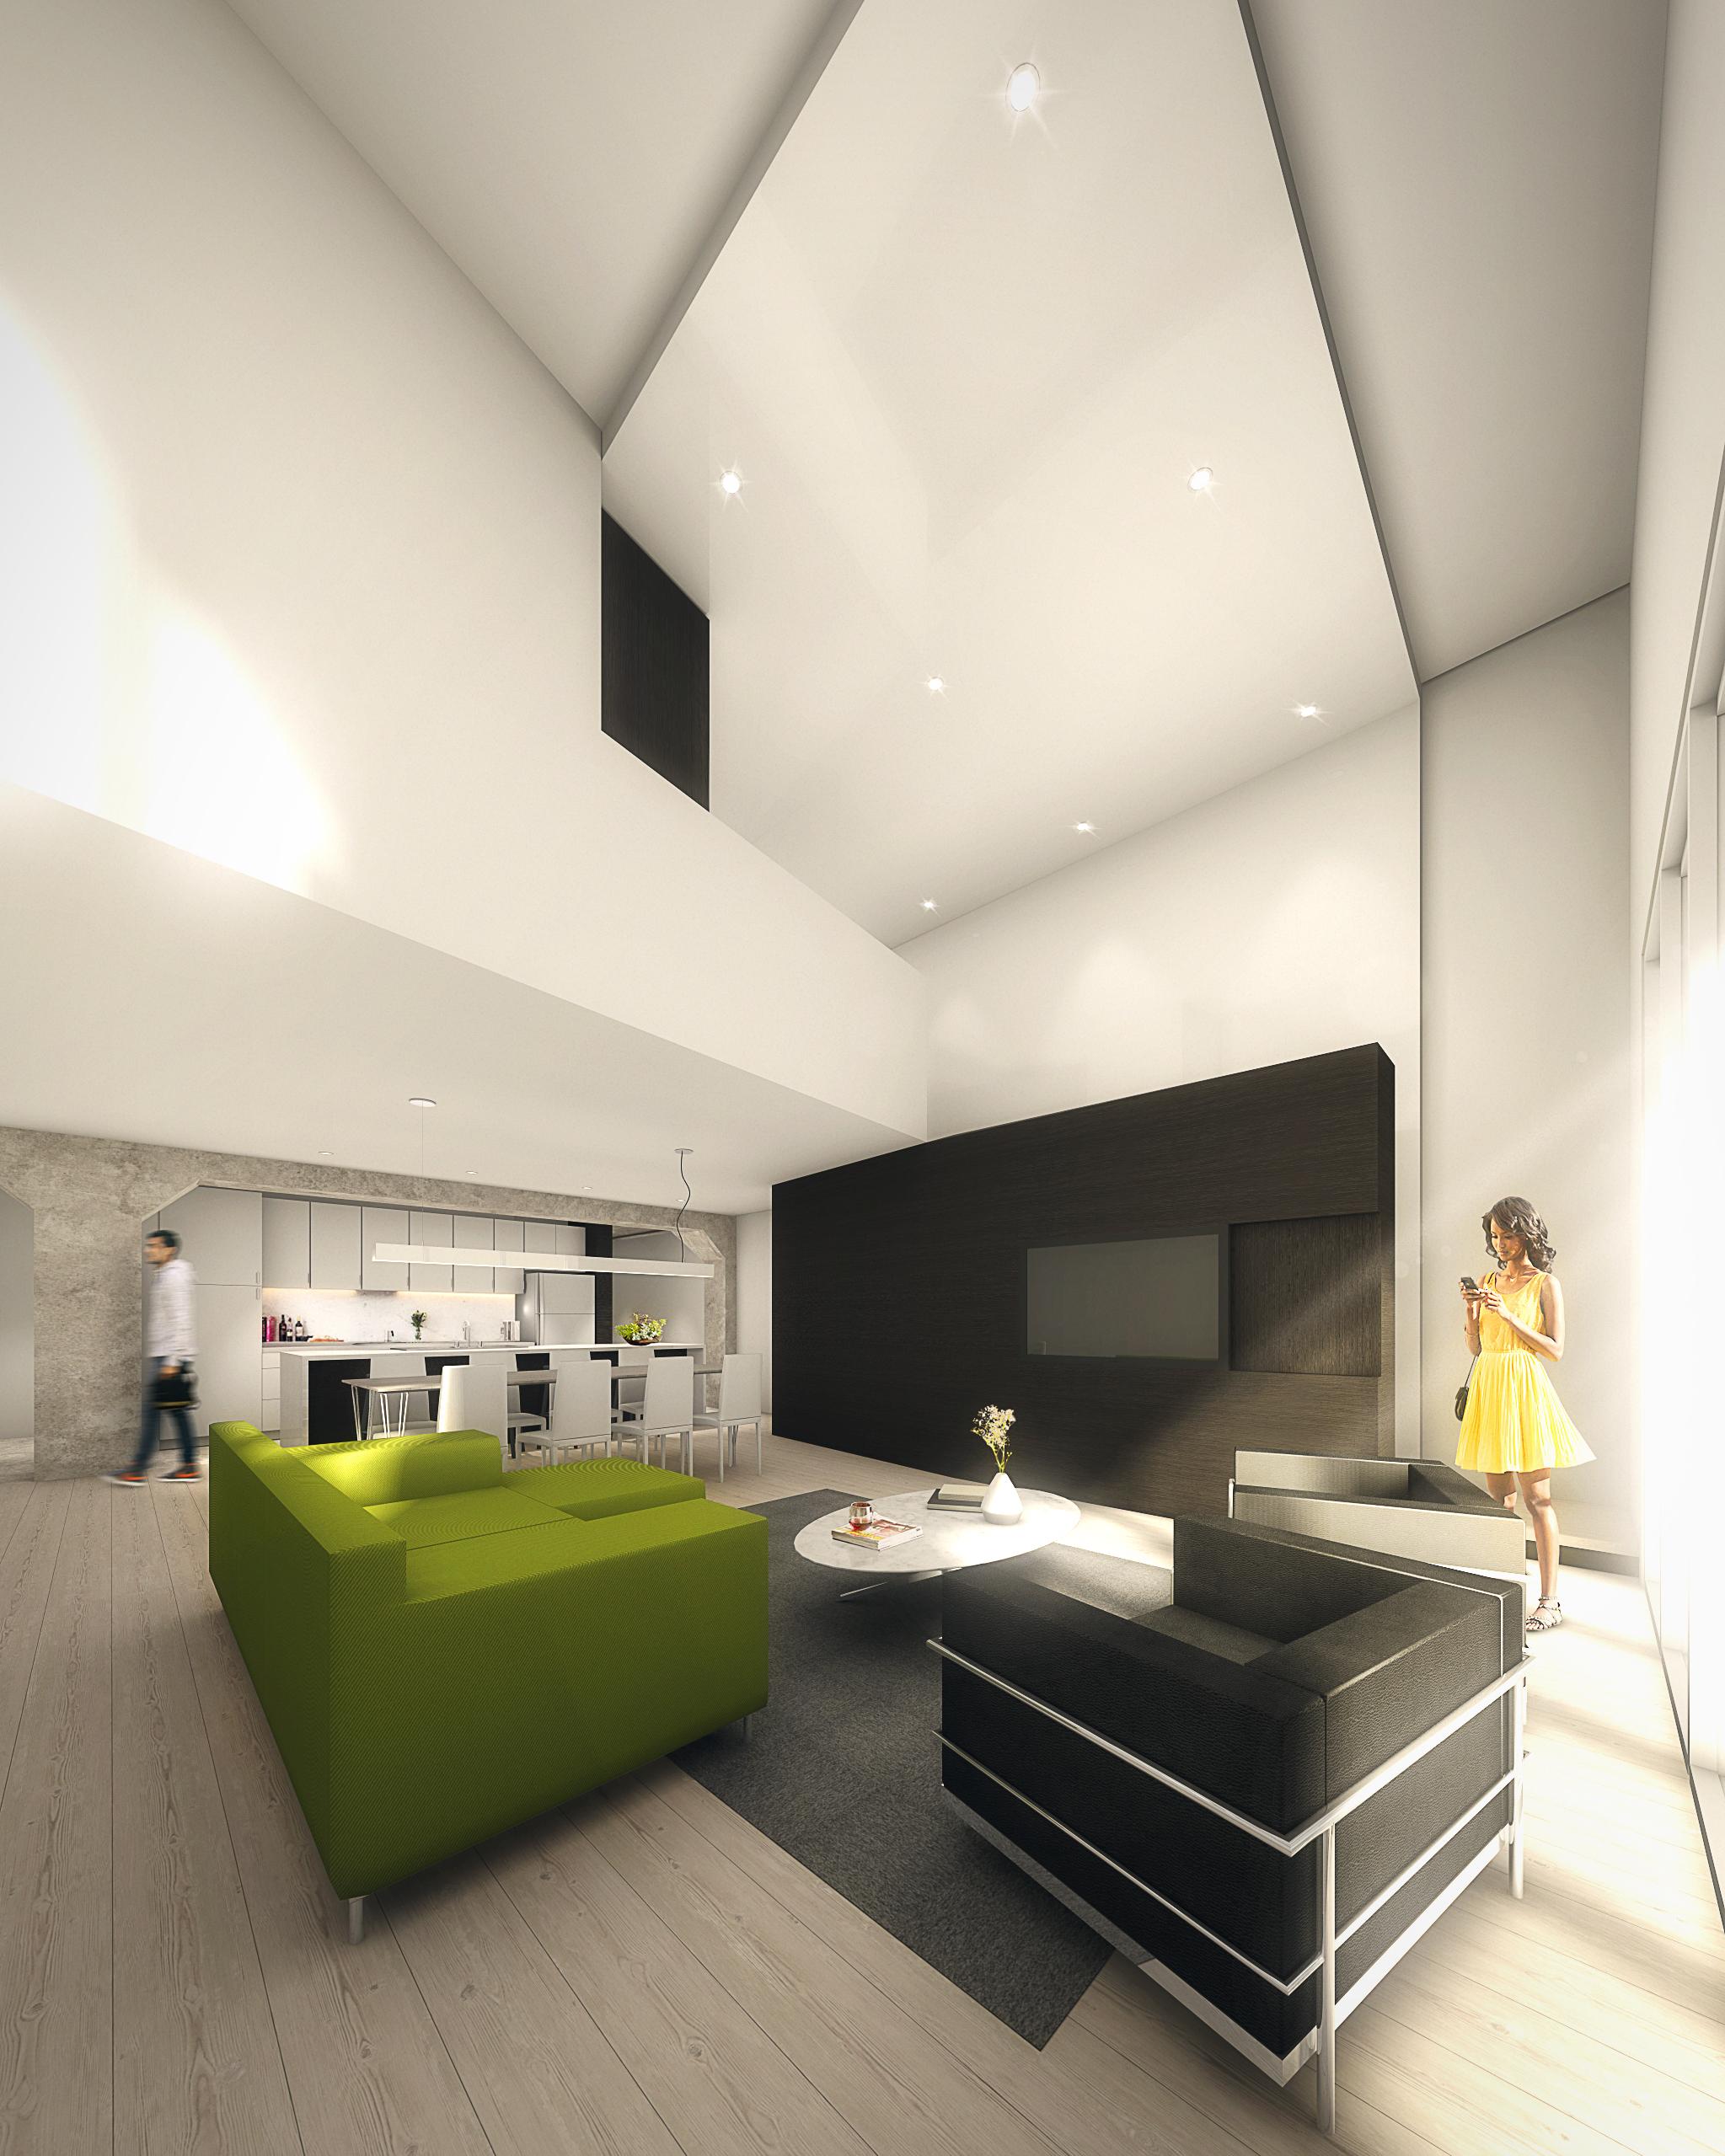 Loft Interior.jpg